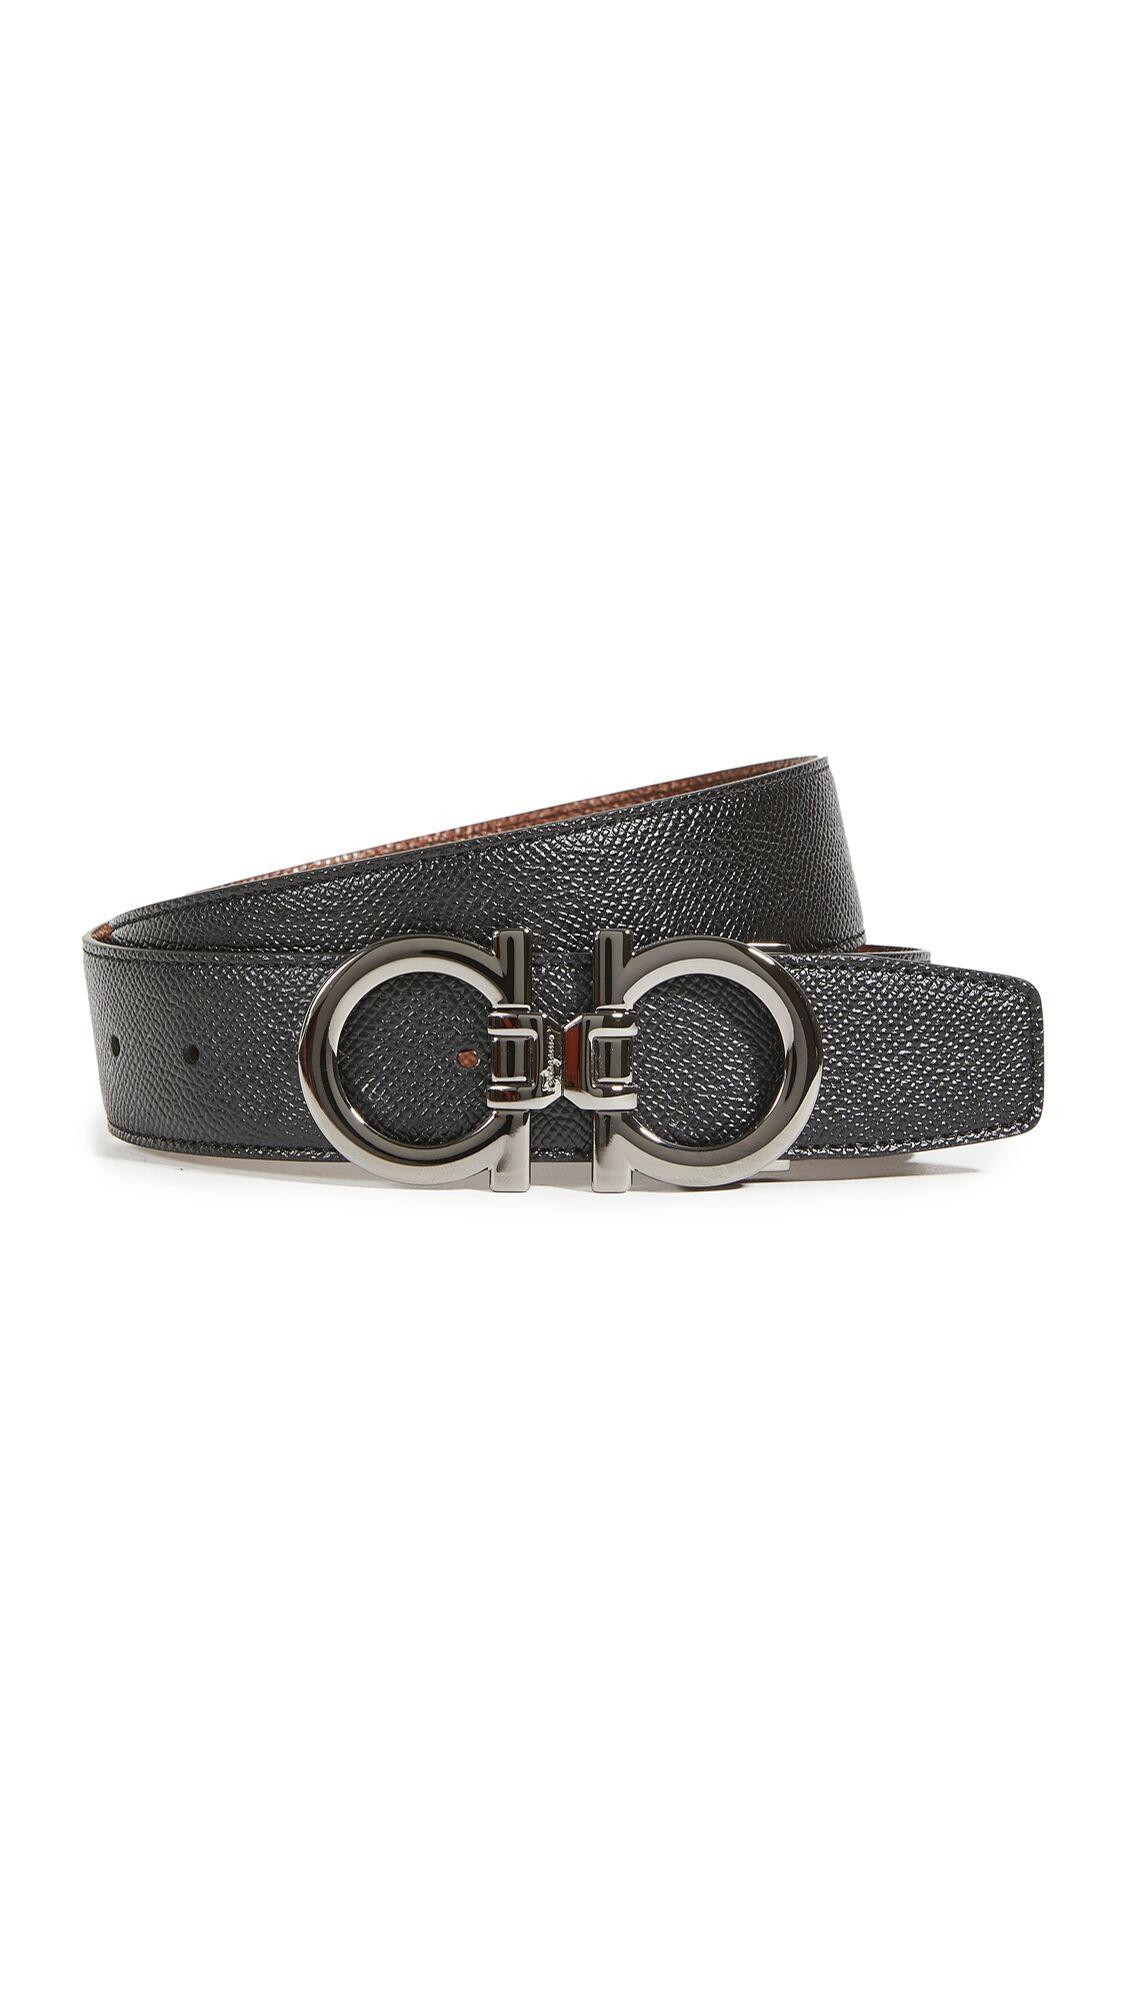 Salvatore Ferragamo Double Gancini Belt - Black - Size: 32